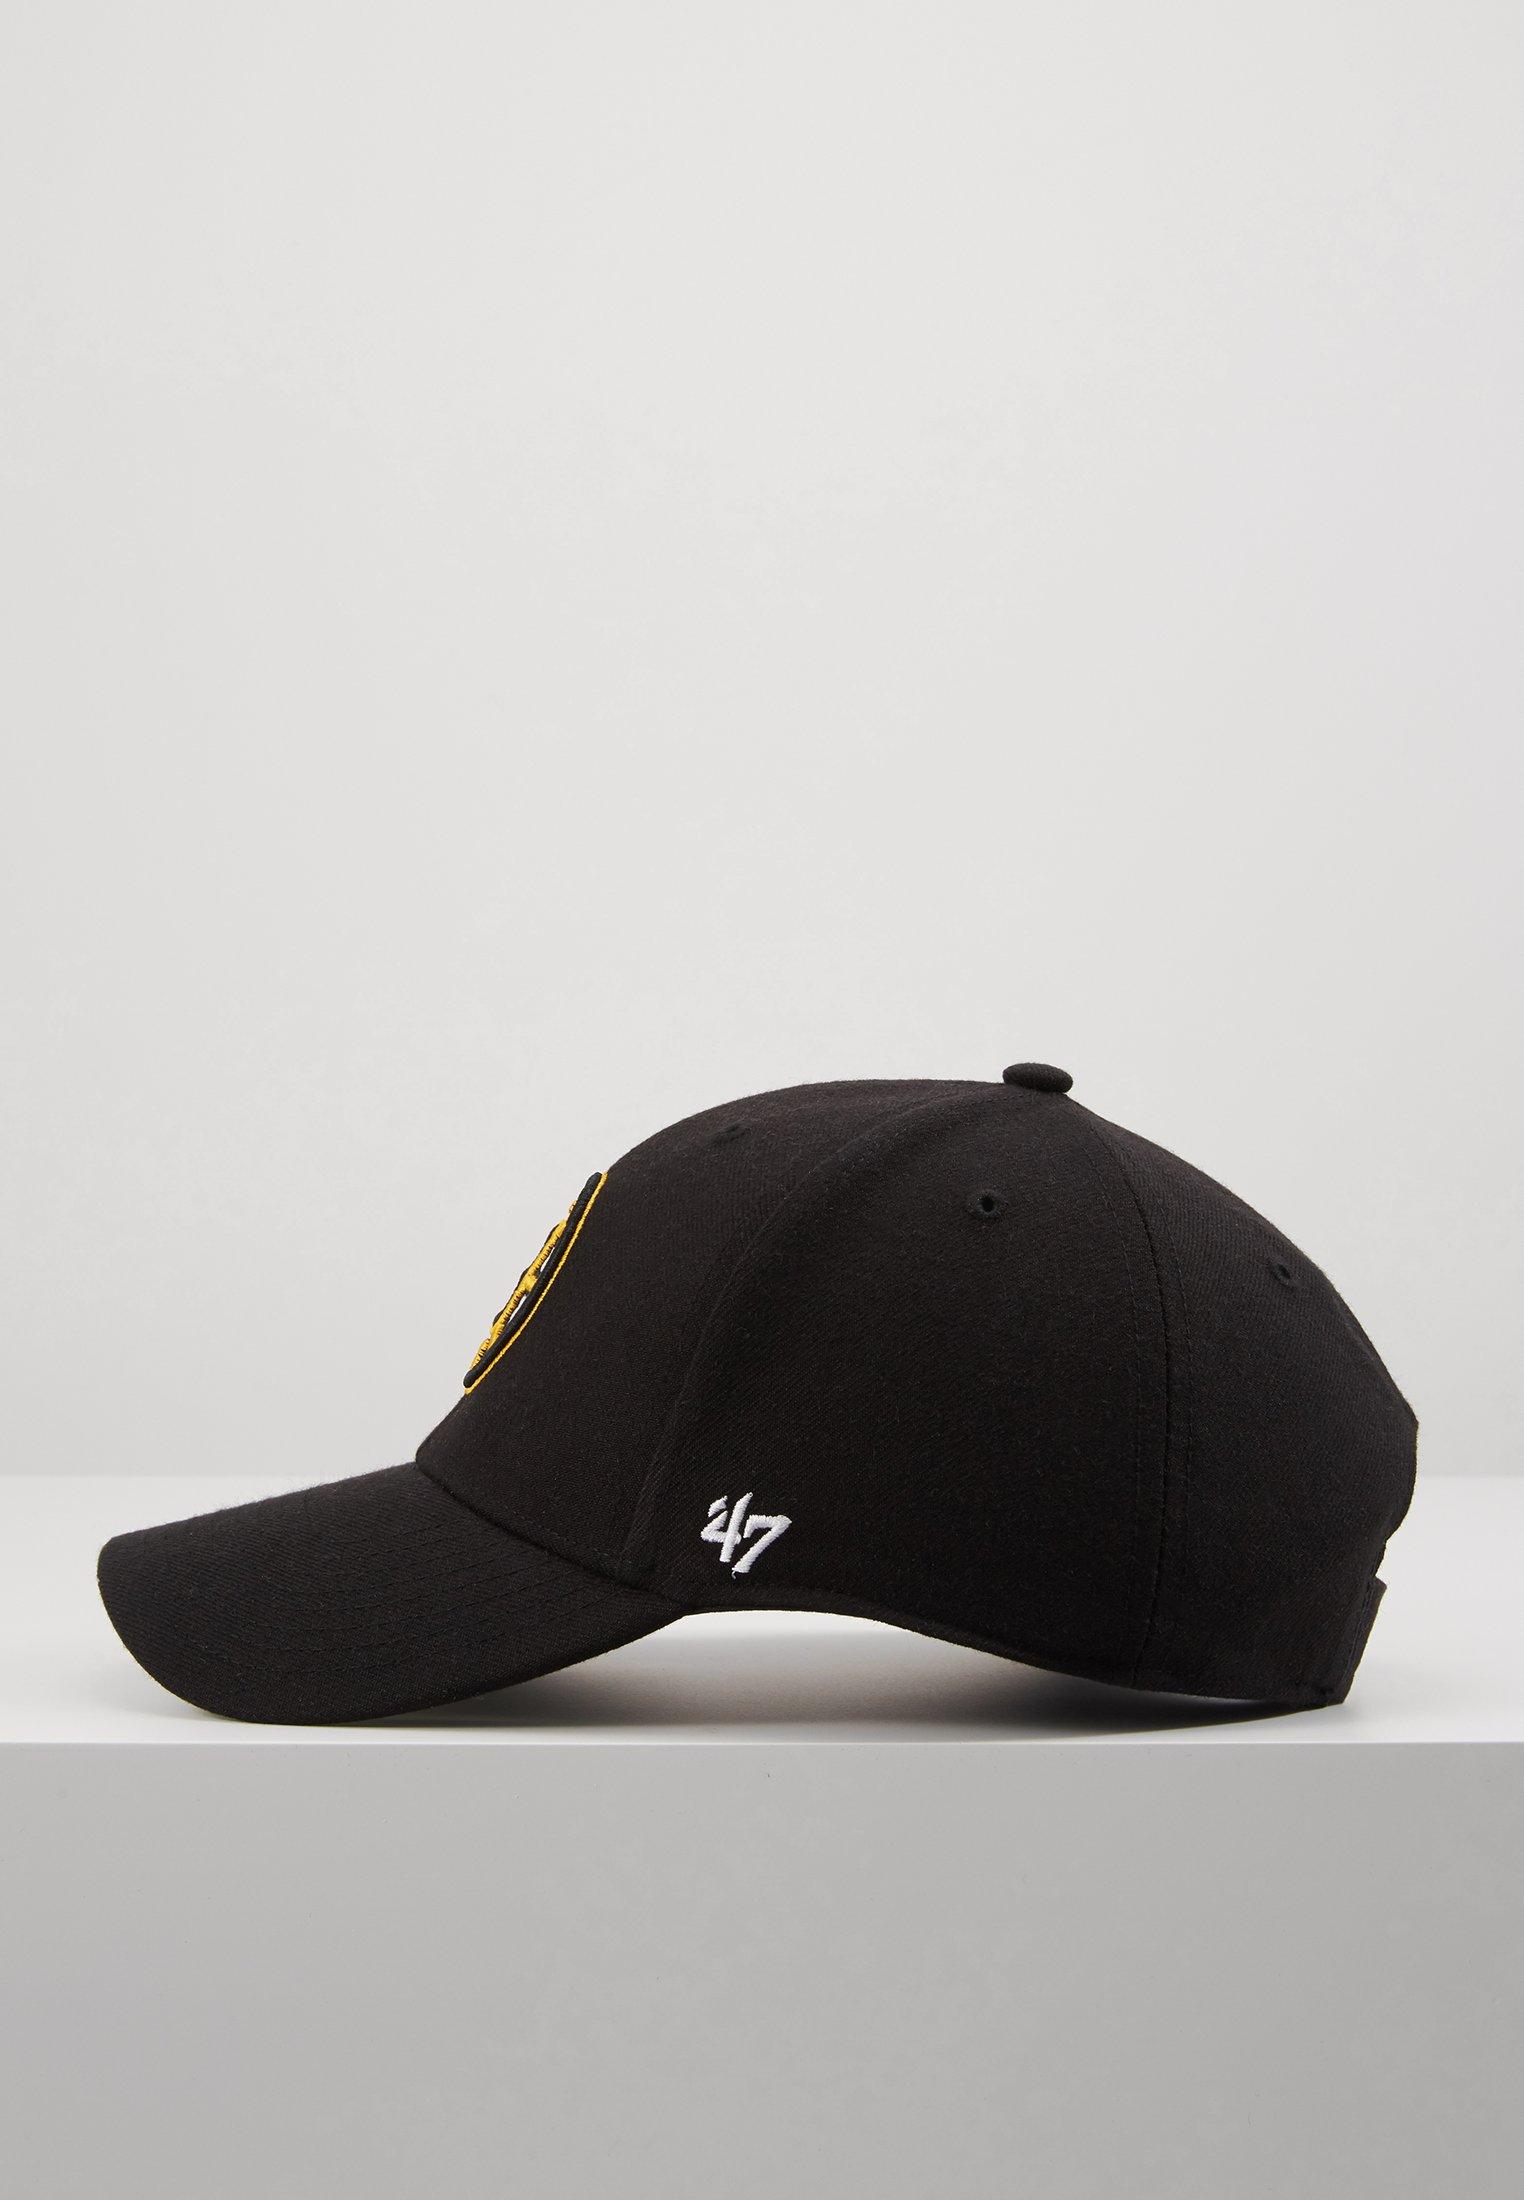 '47 BOSTON BRUINS - Cap - black/svart kOSS5Jjg2OtuZBK